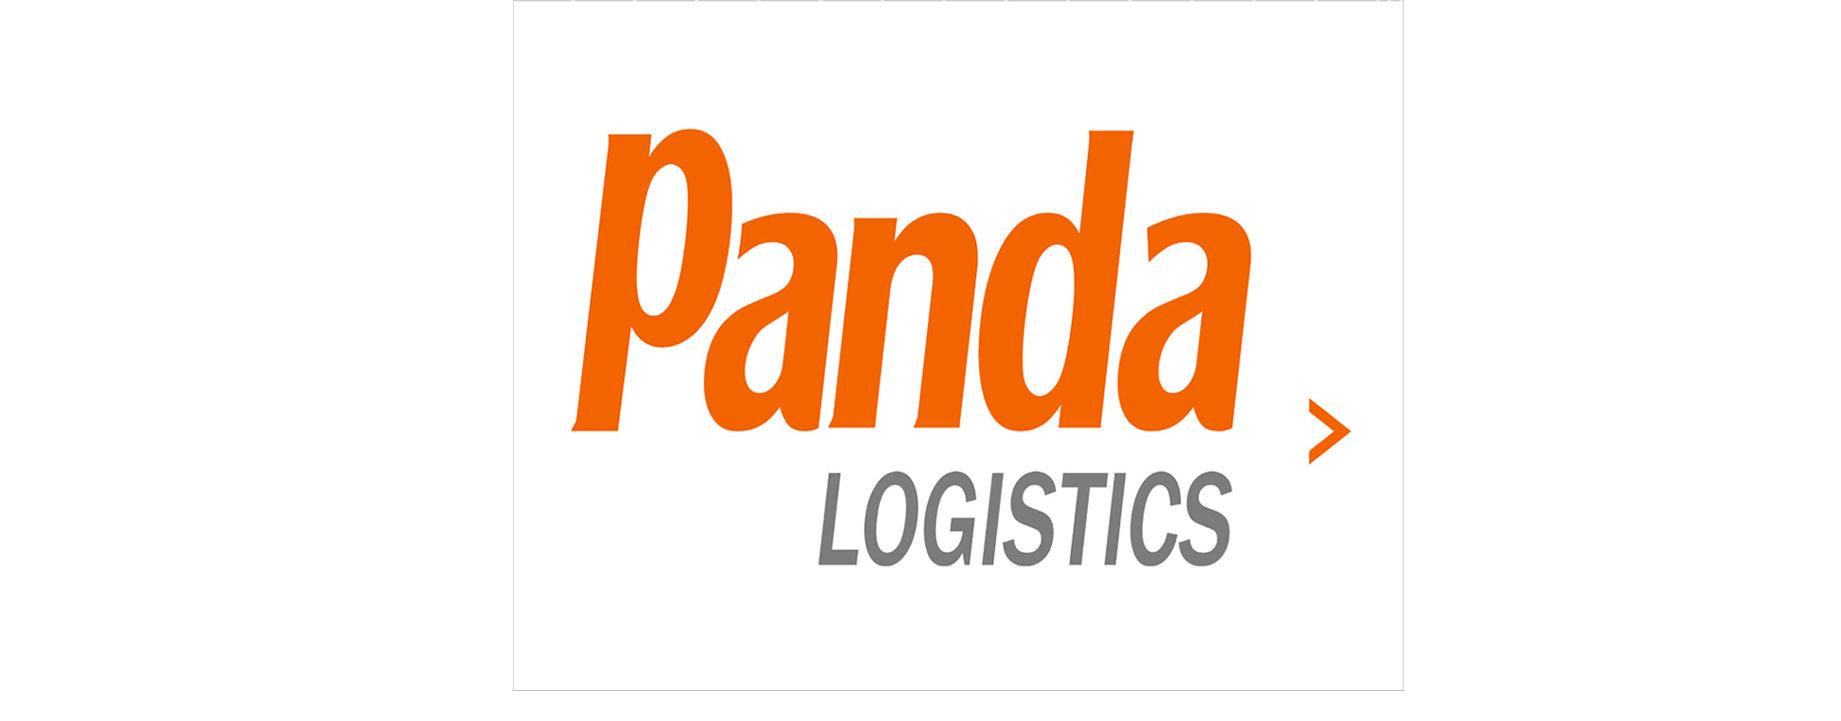 logo logo 标志 设计 矢量 矢量图 素材 图标 1841_721